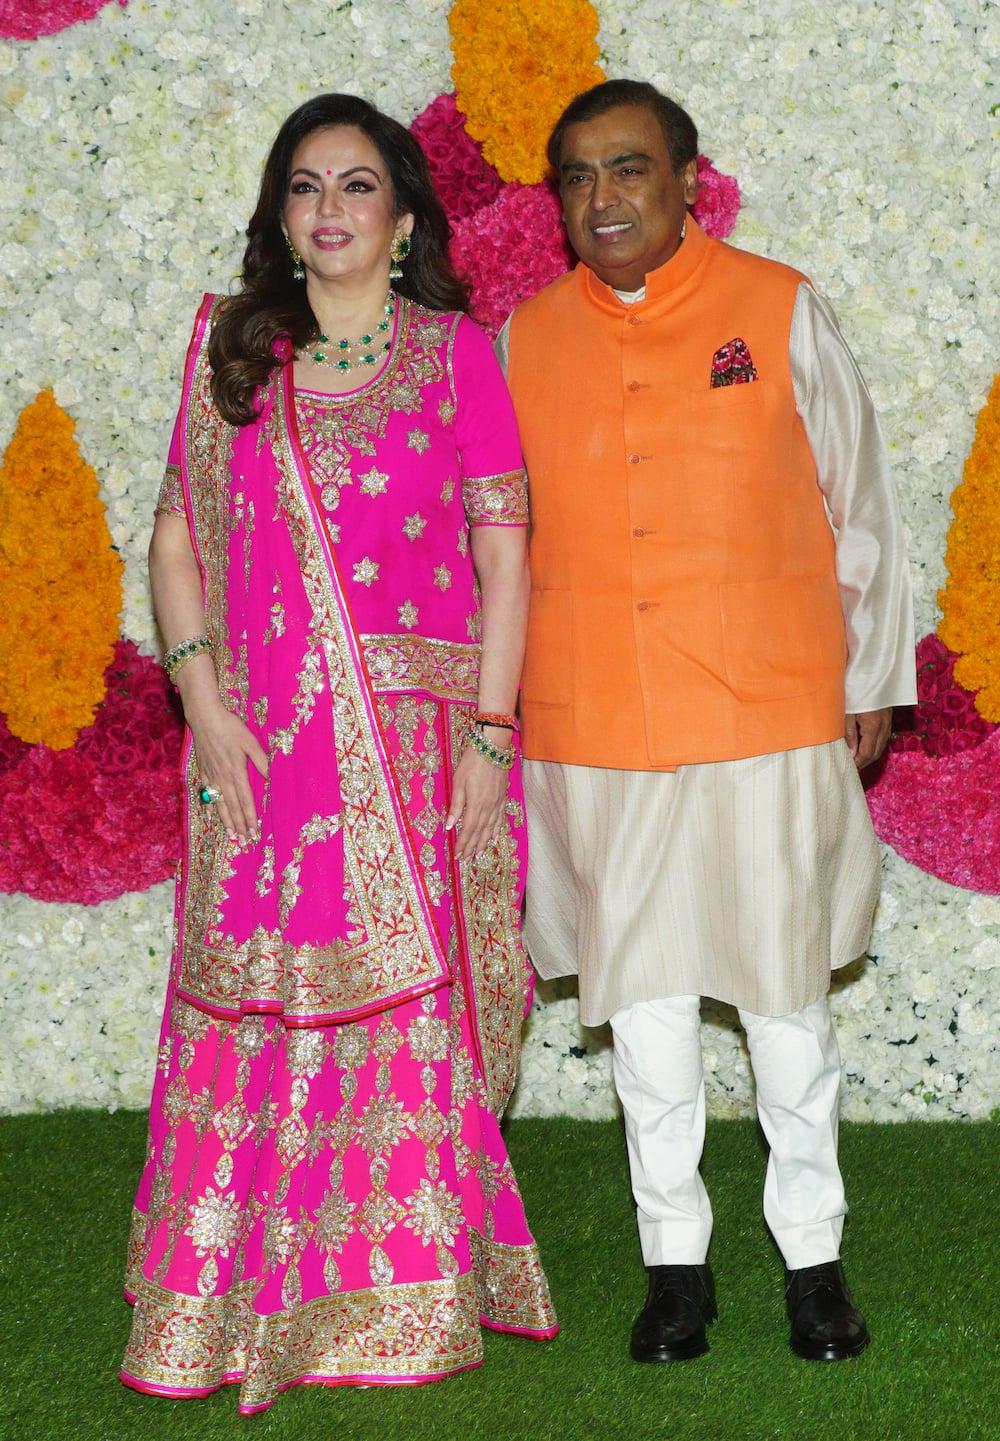 Mukesh Ambani and his wife Nita Ambani